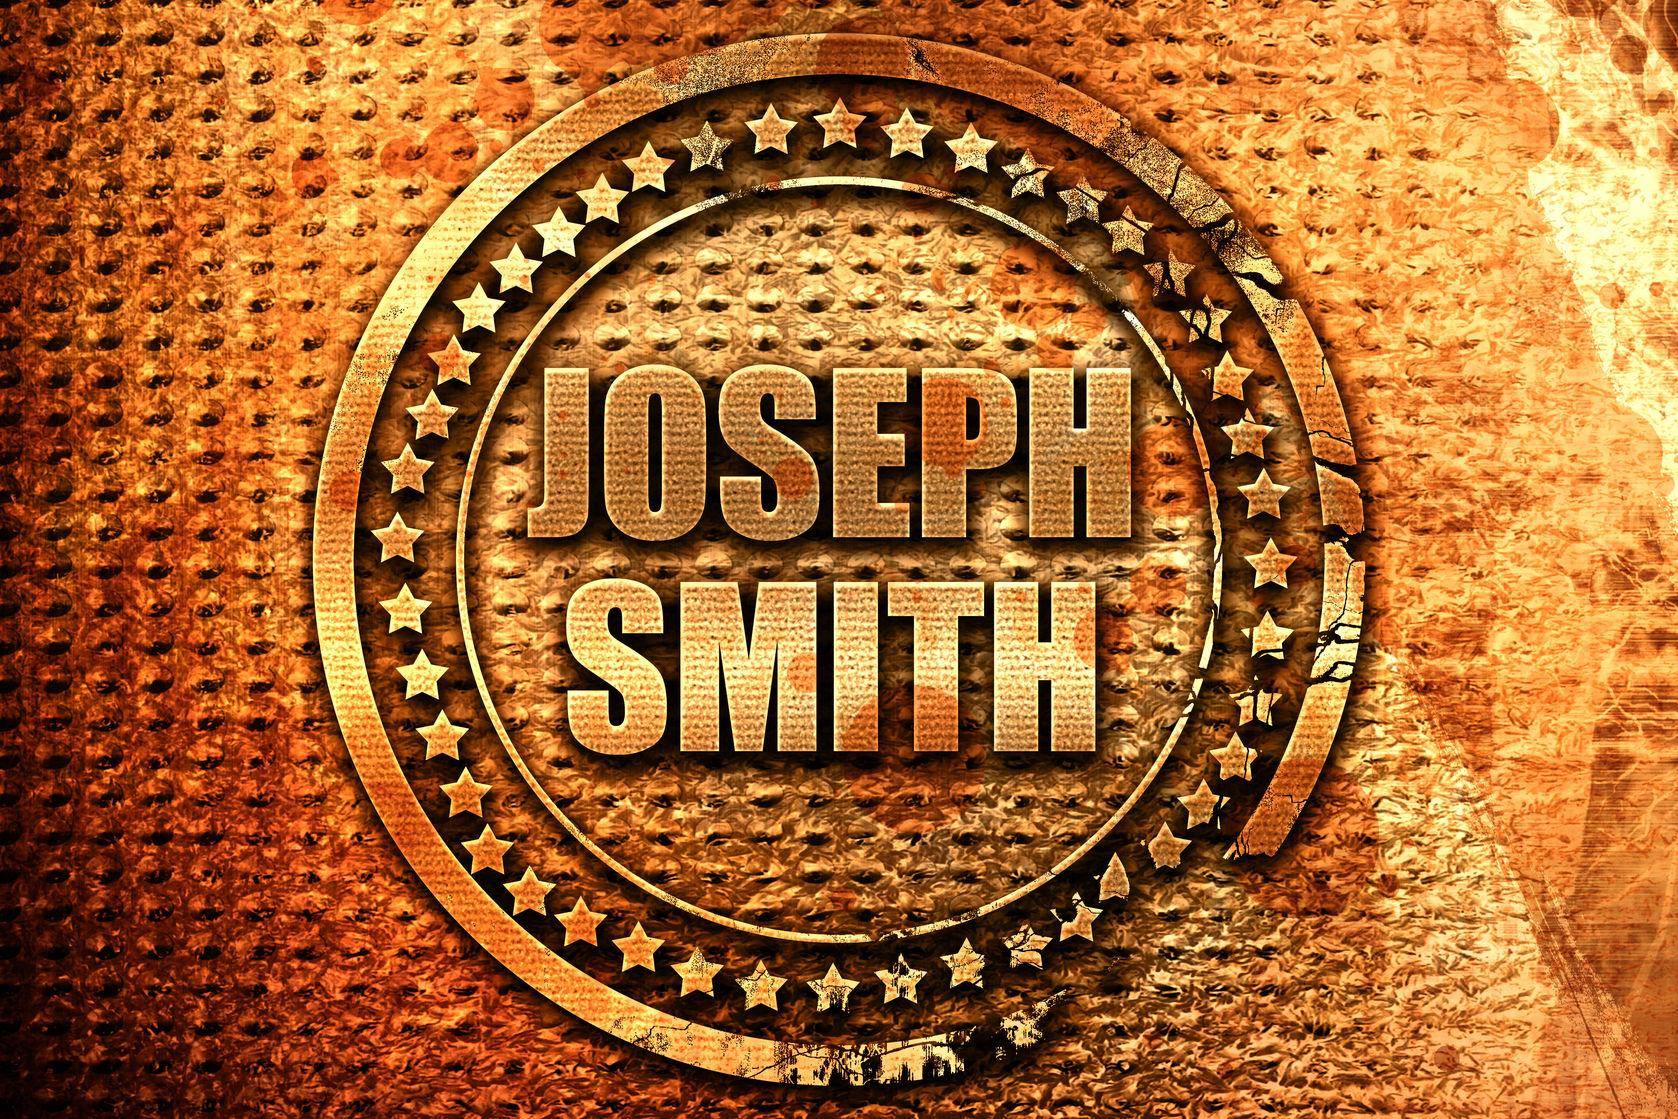 joseph-smith-księga-mormona.jpg